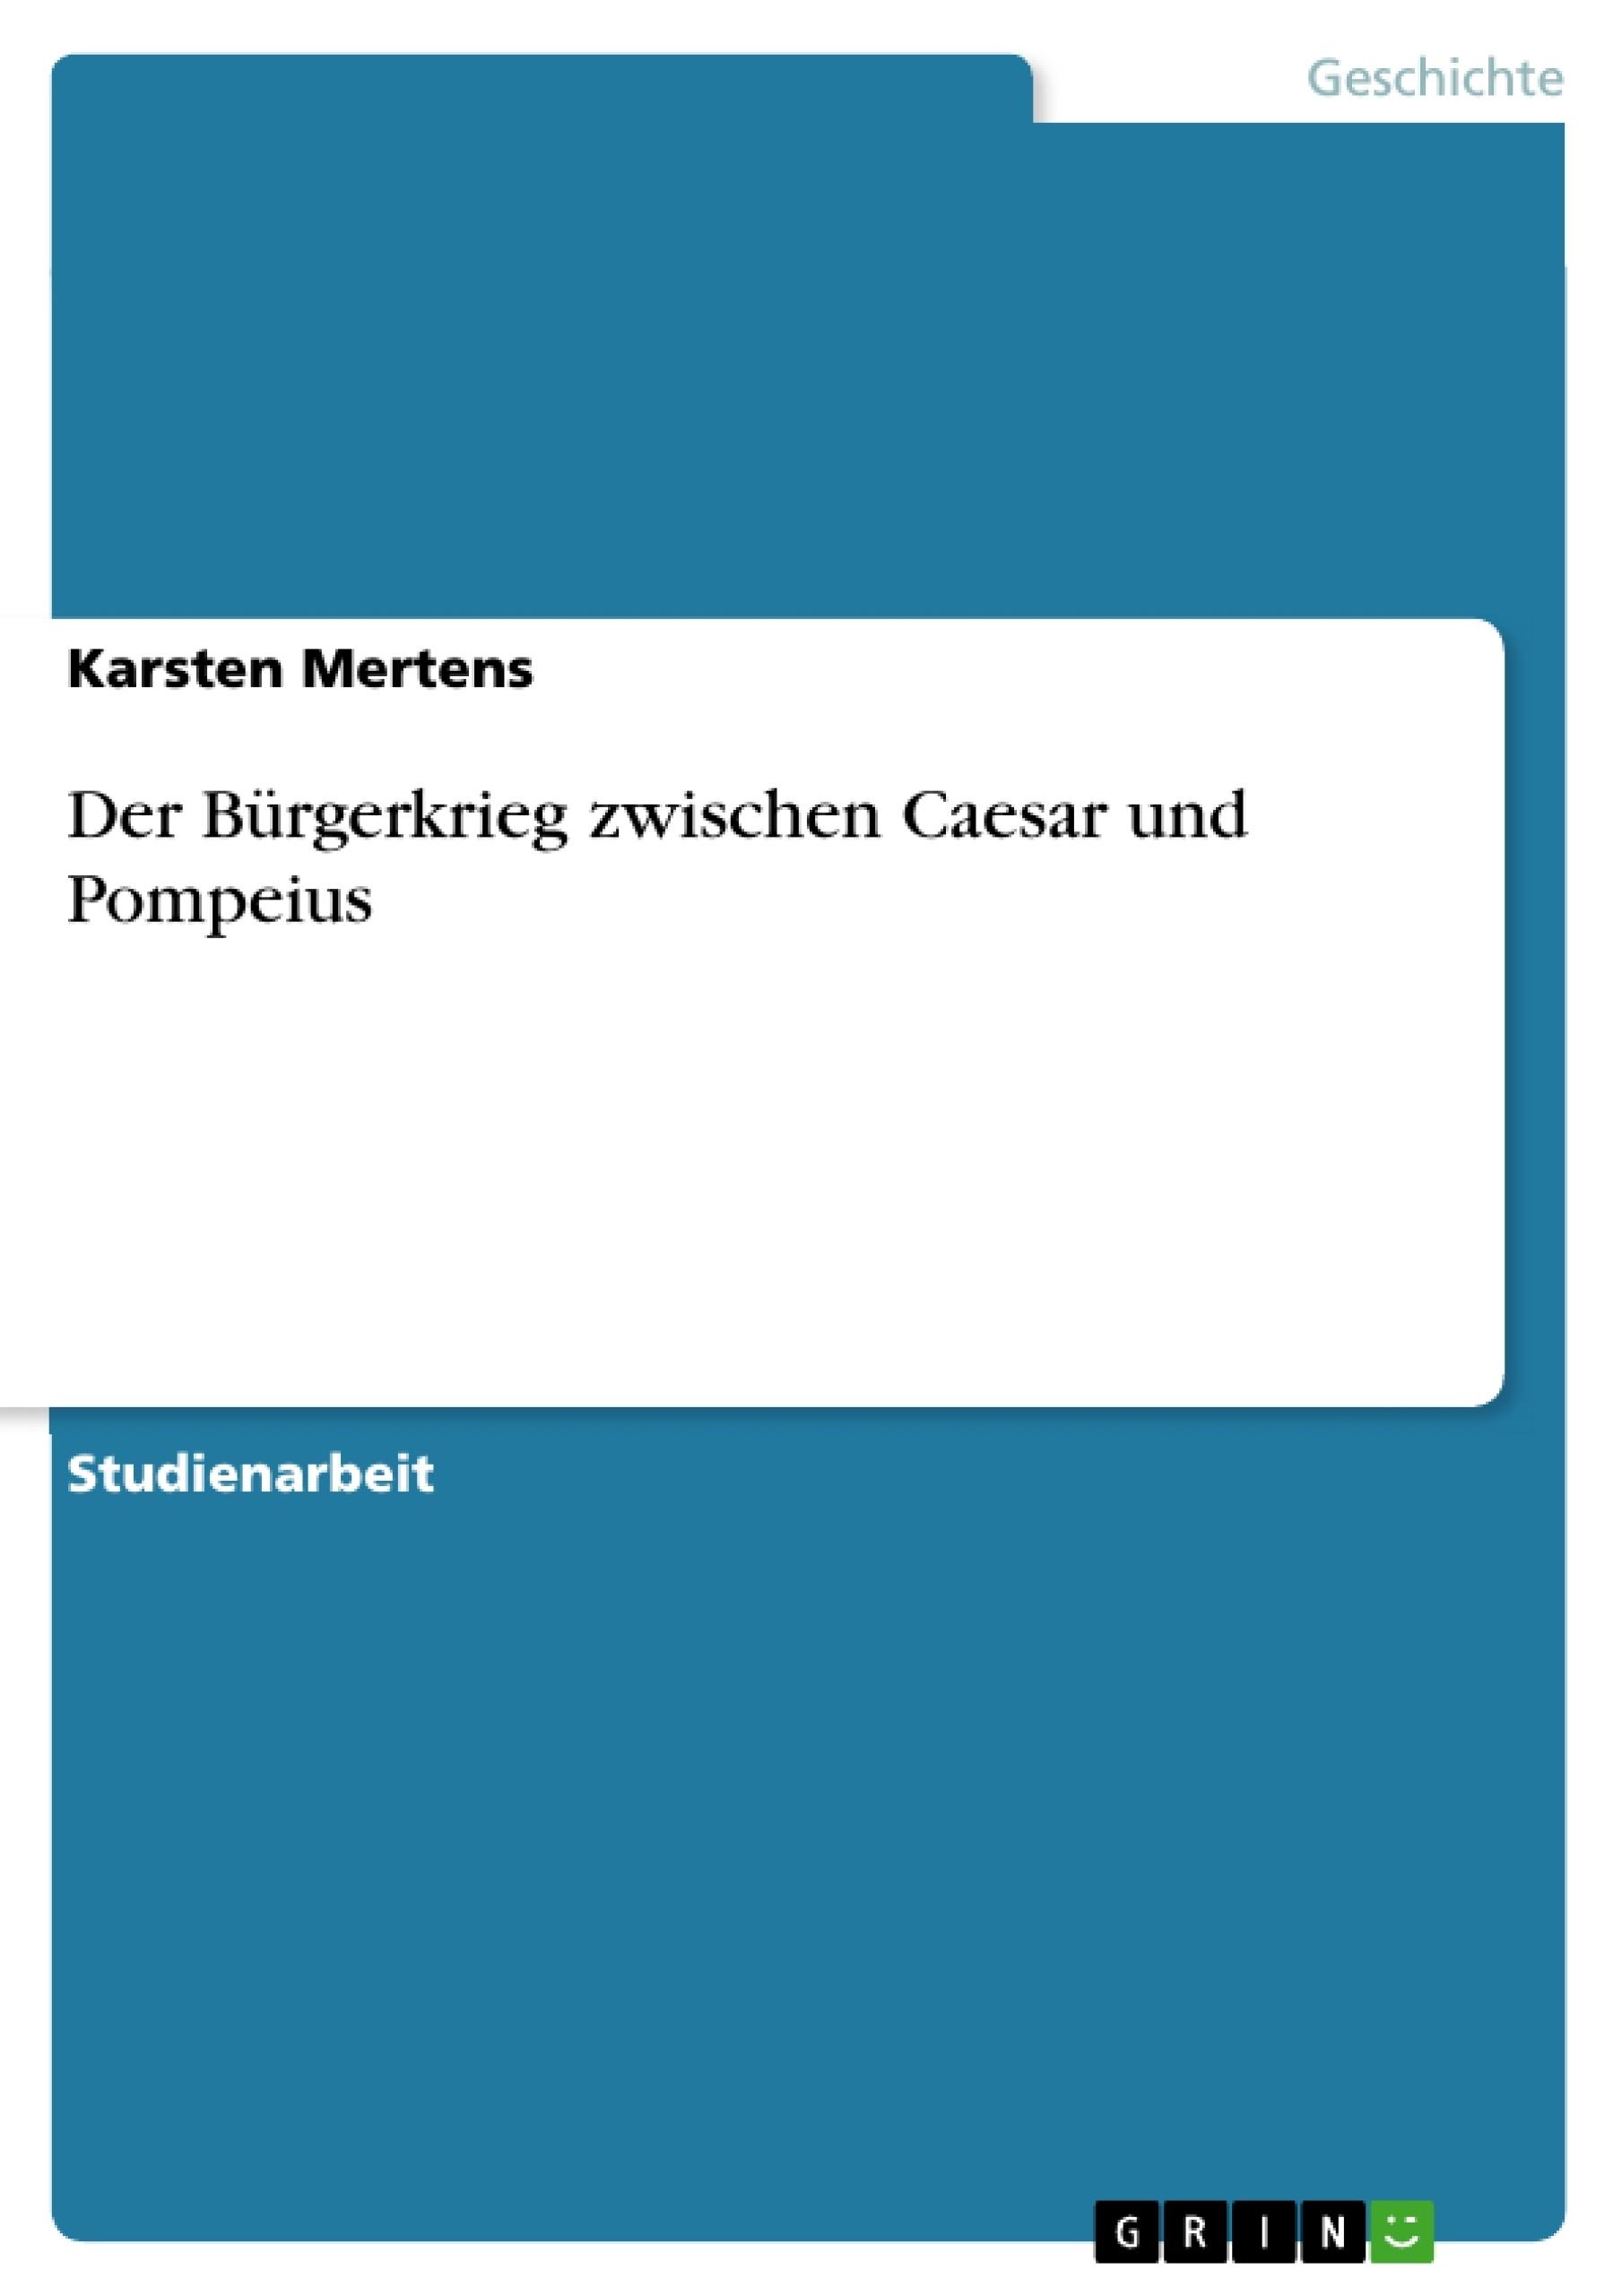 Titel: Der Bürgerkrieg zwischen Caesar und Pompeius